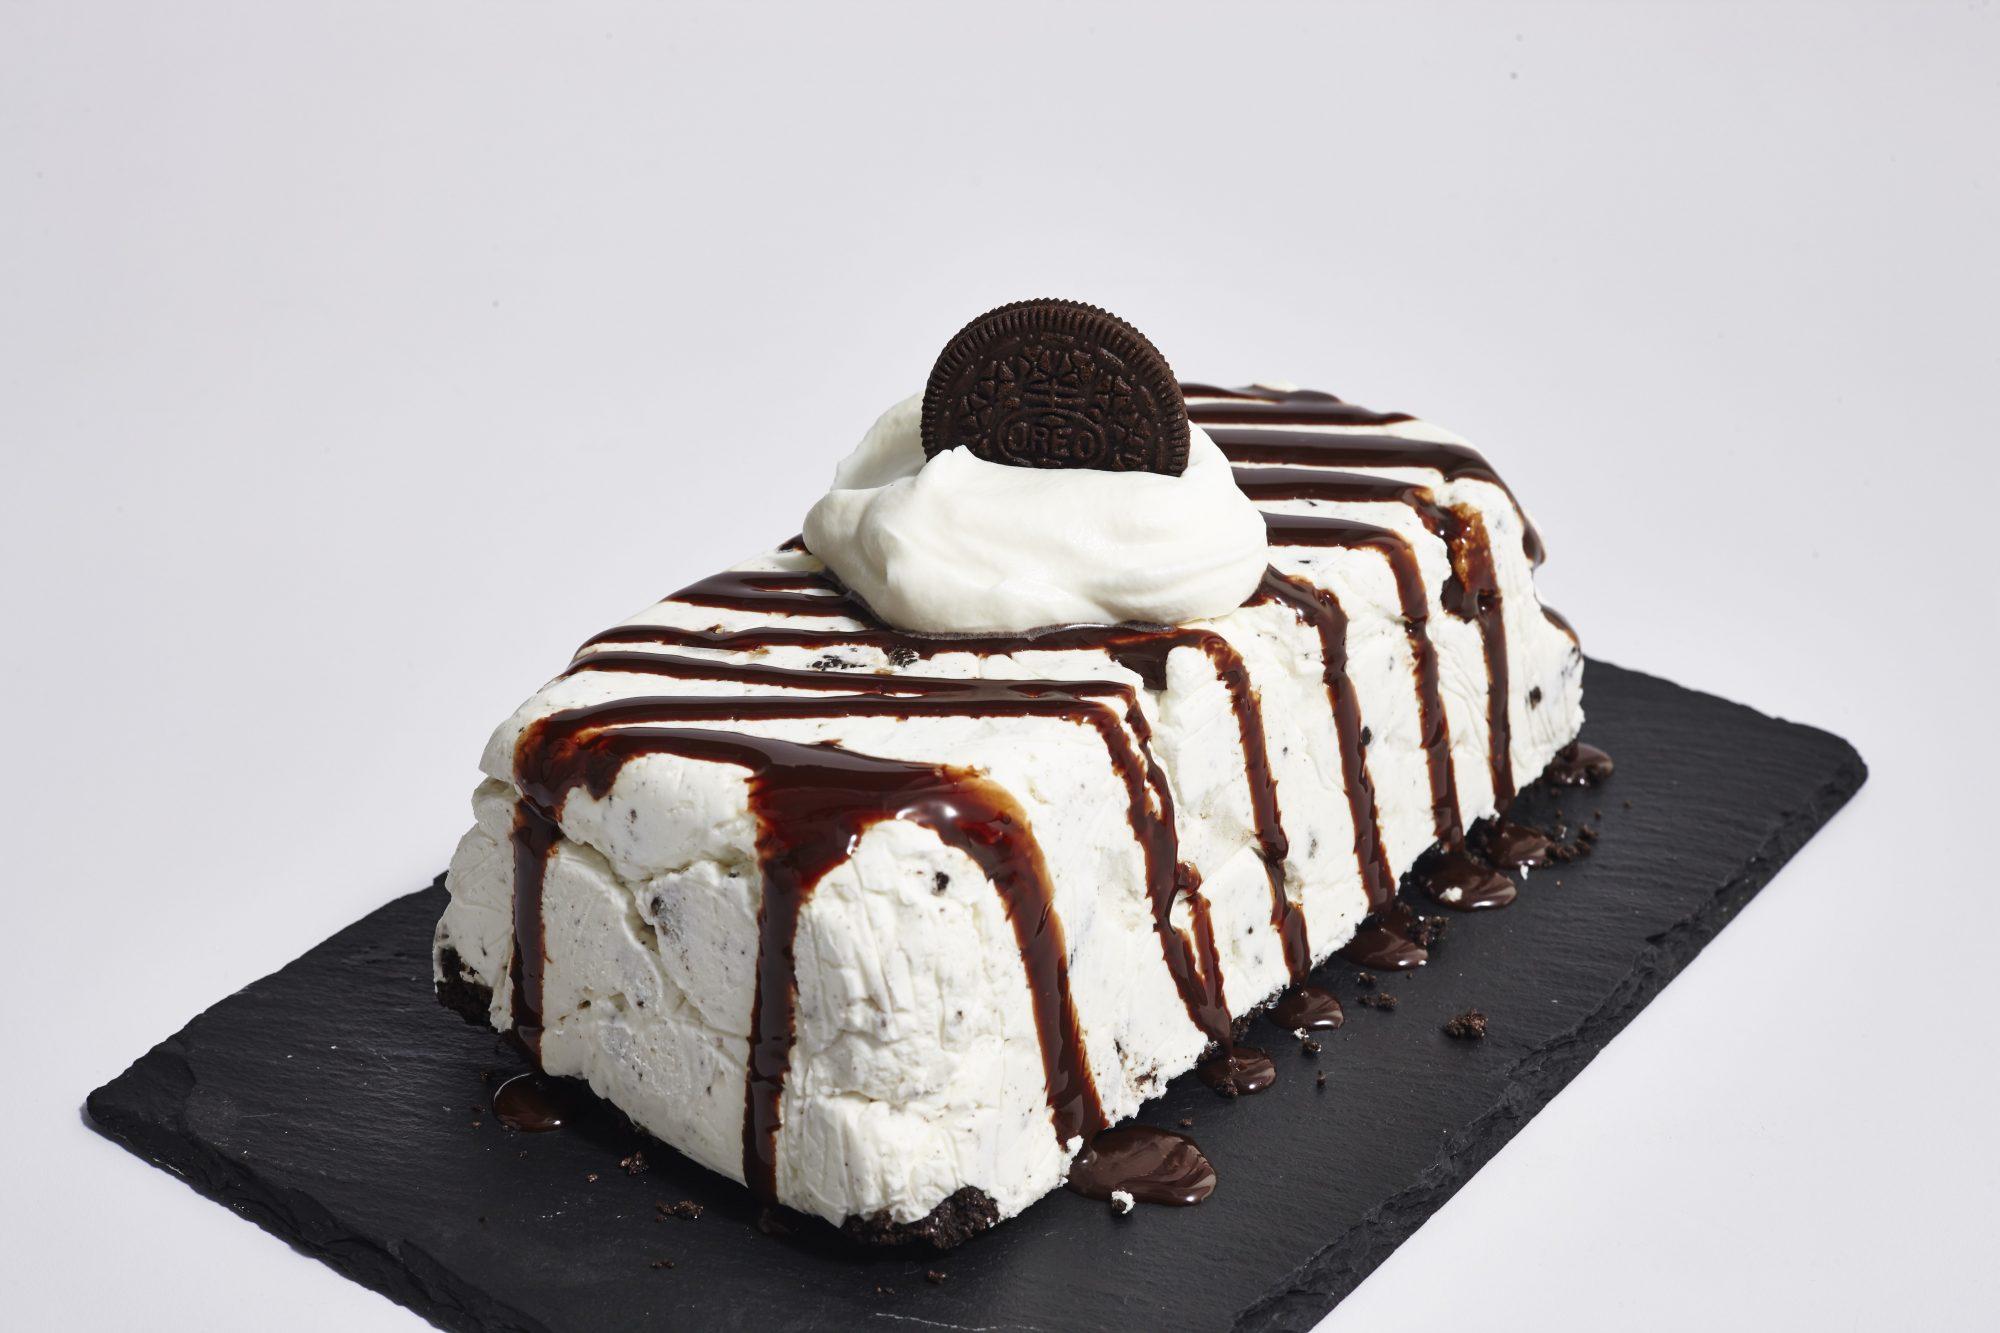 Oreo Icebox Cake image